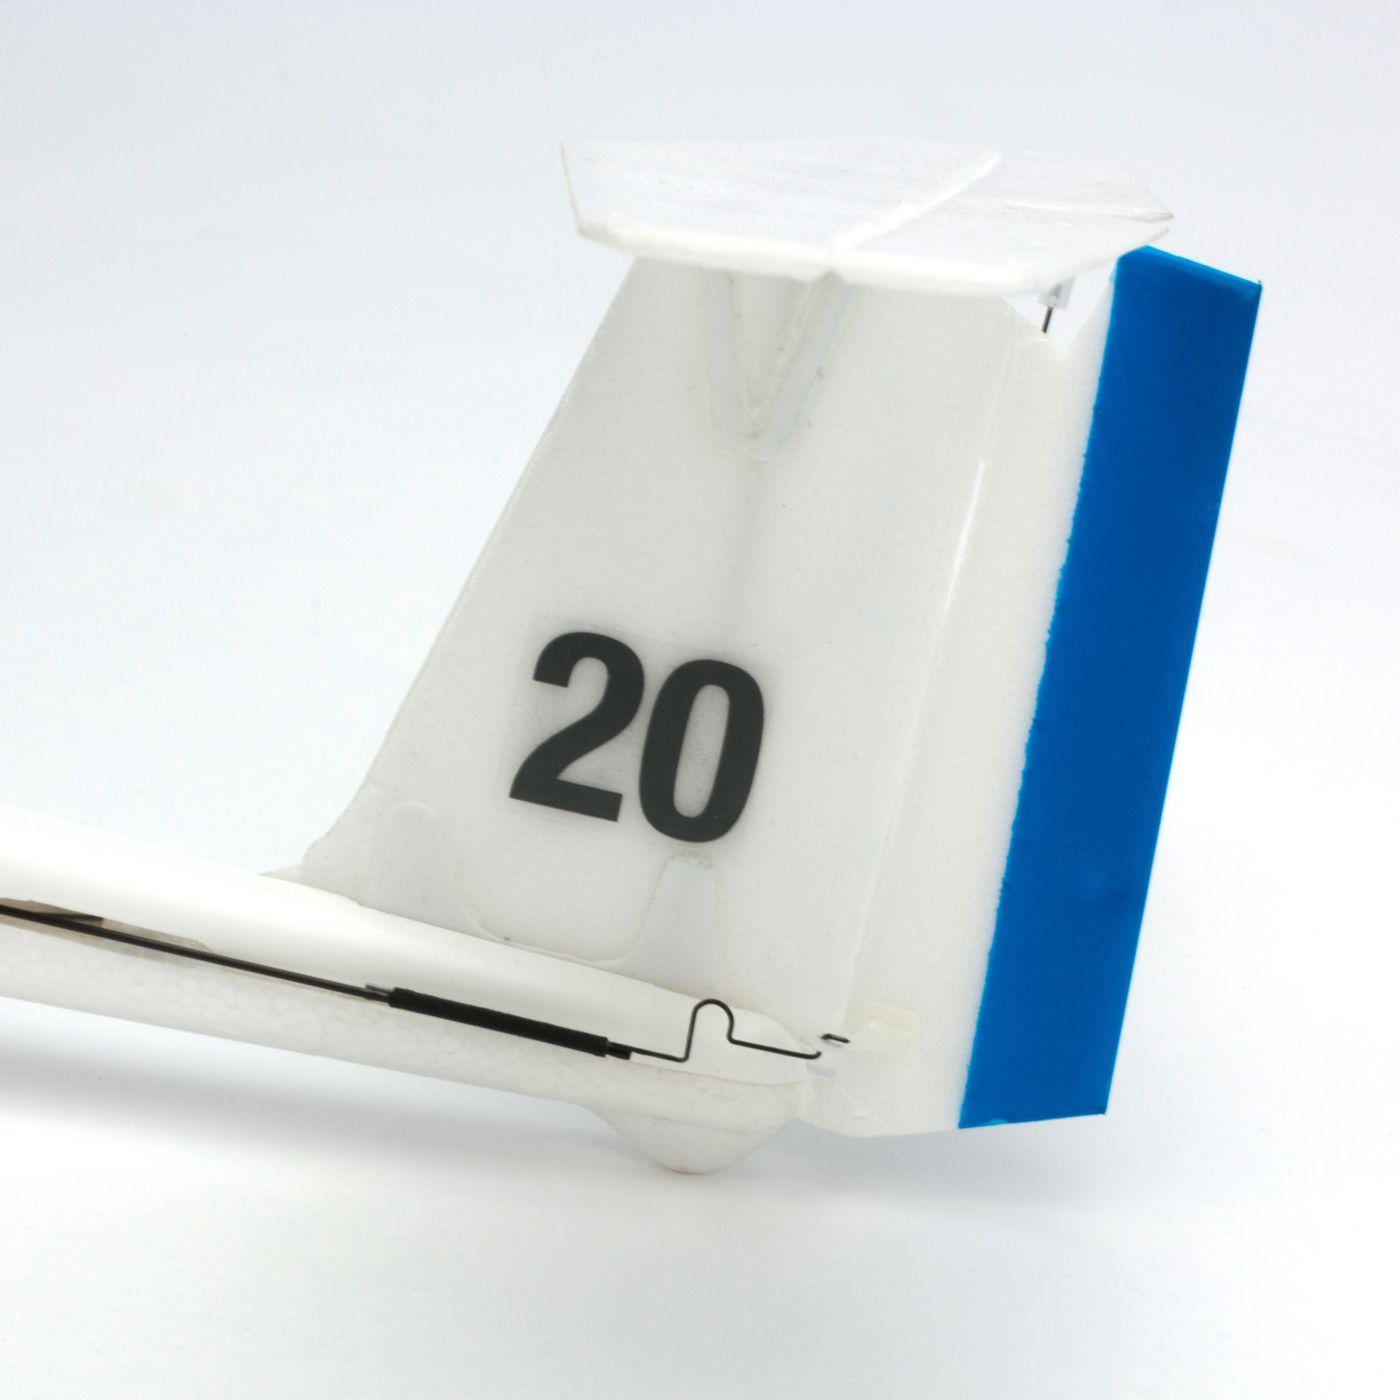 UMX ASK-21 E-flite